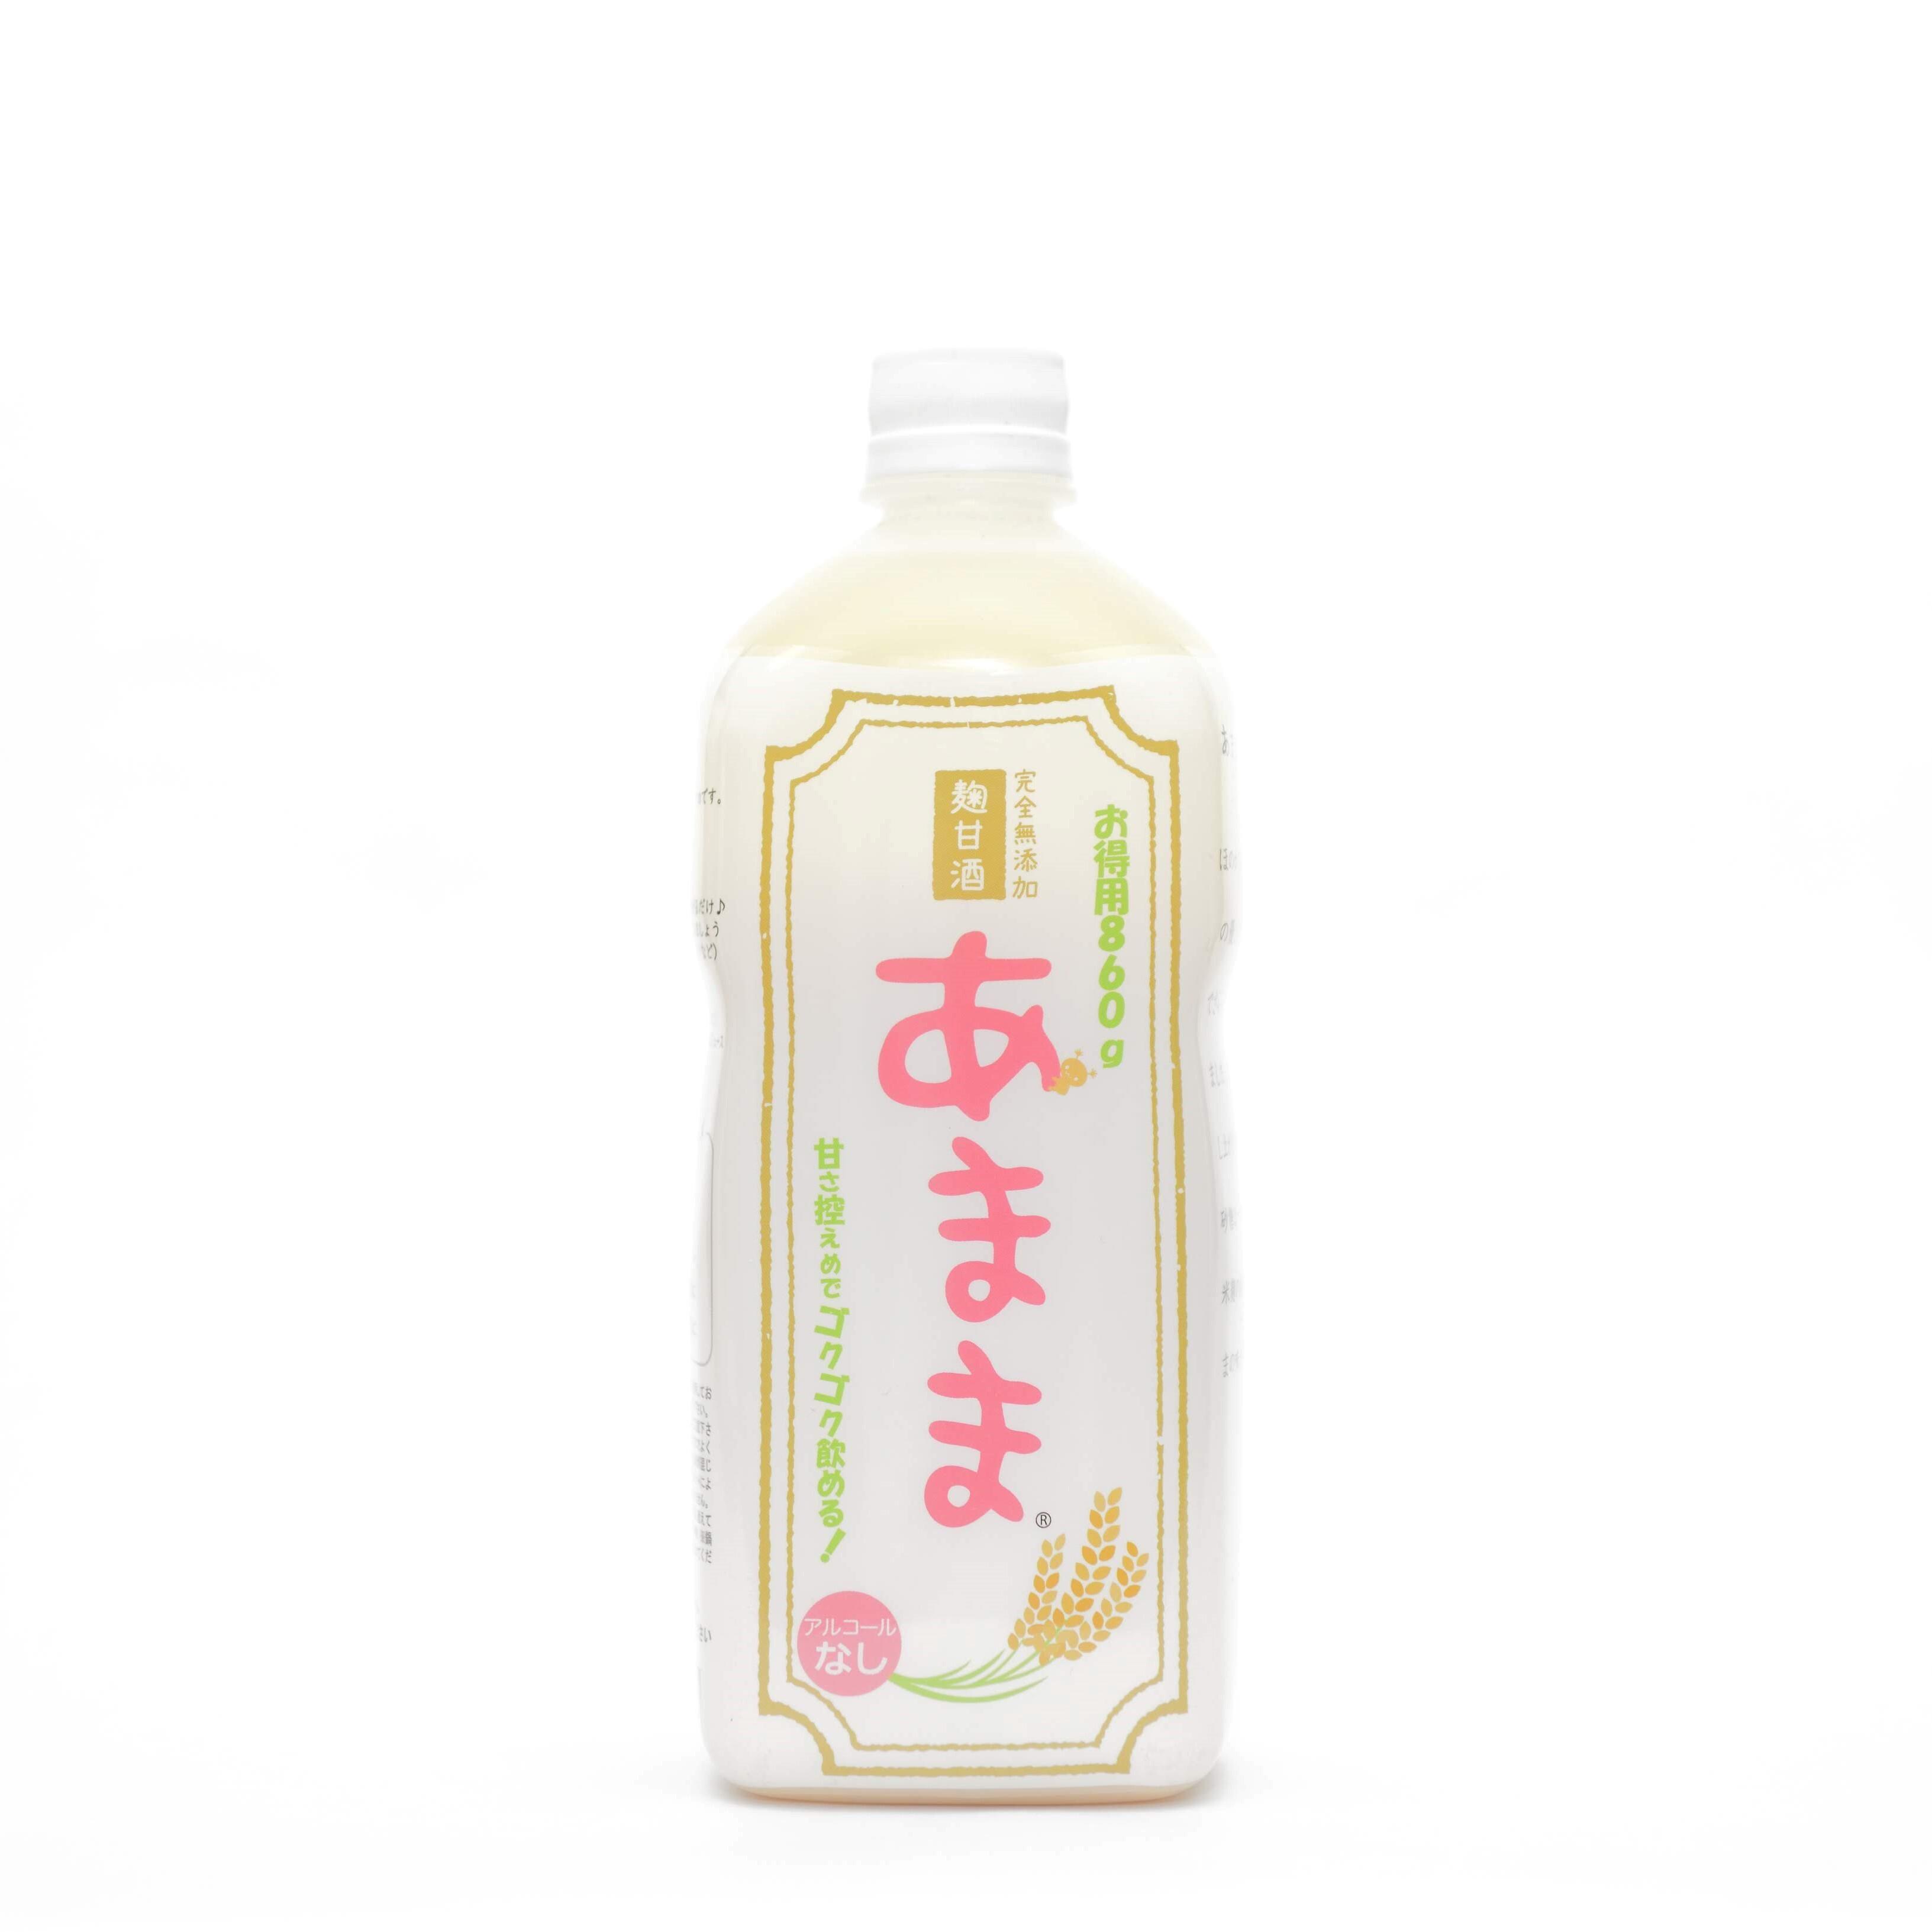 米麹甘酒あまま(Bタイプ)2本セット